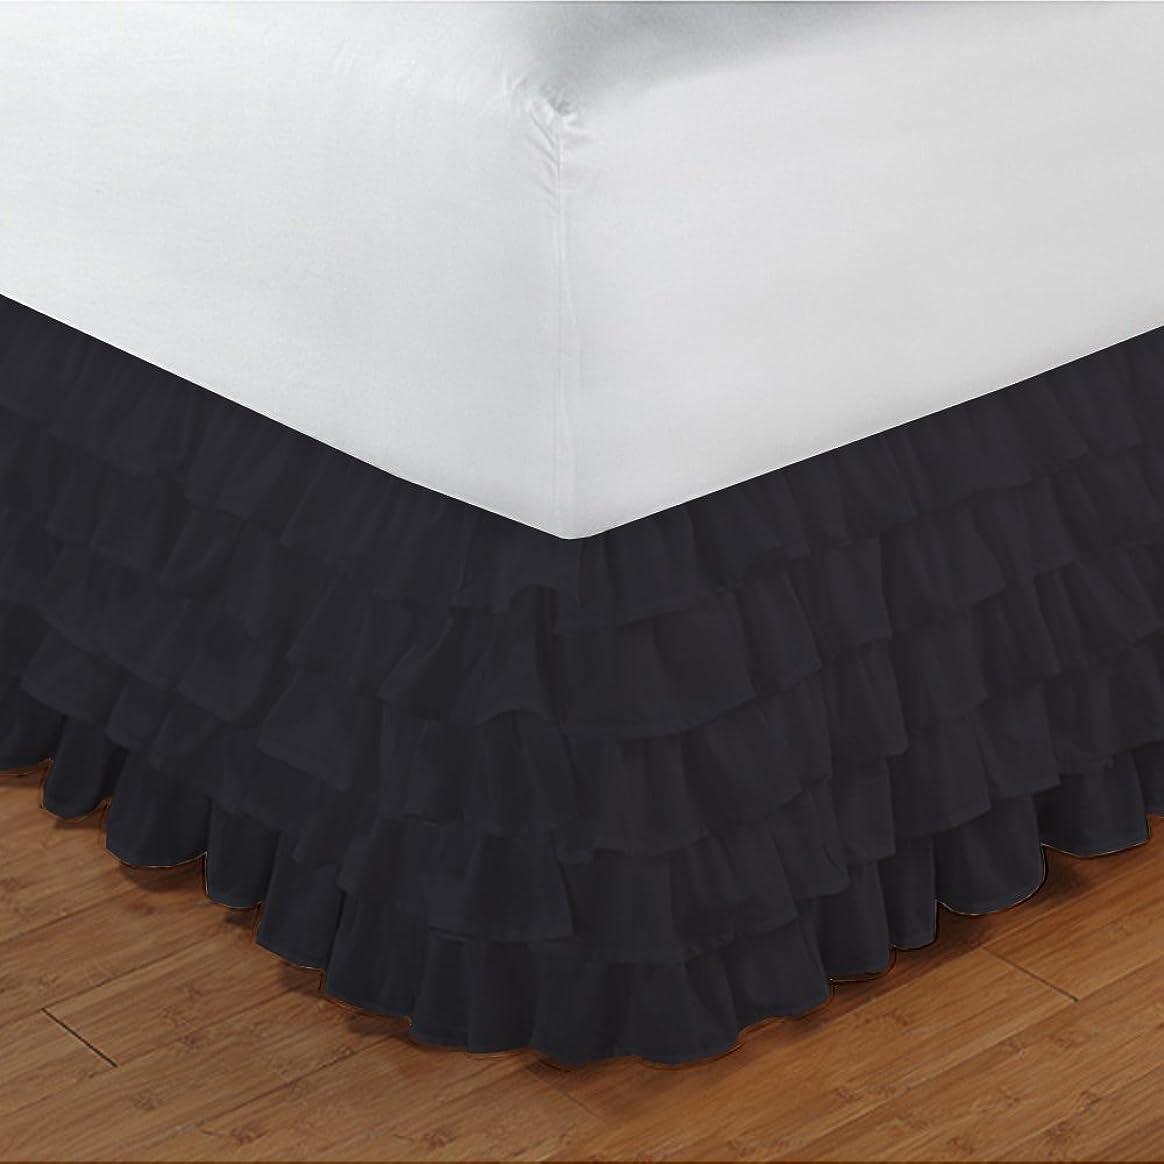 責める類似性天の豊かさ寝具エジプト綿15?